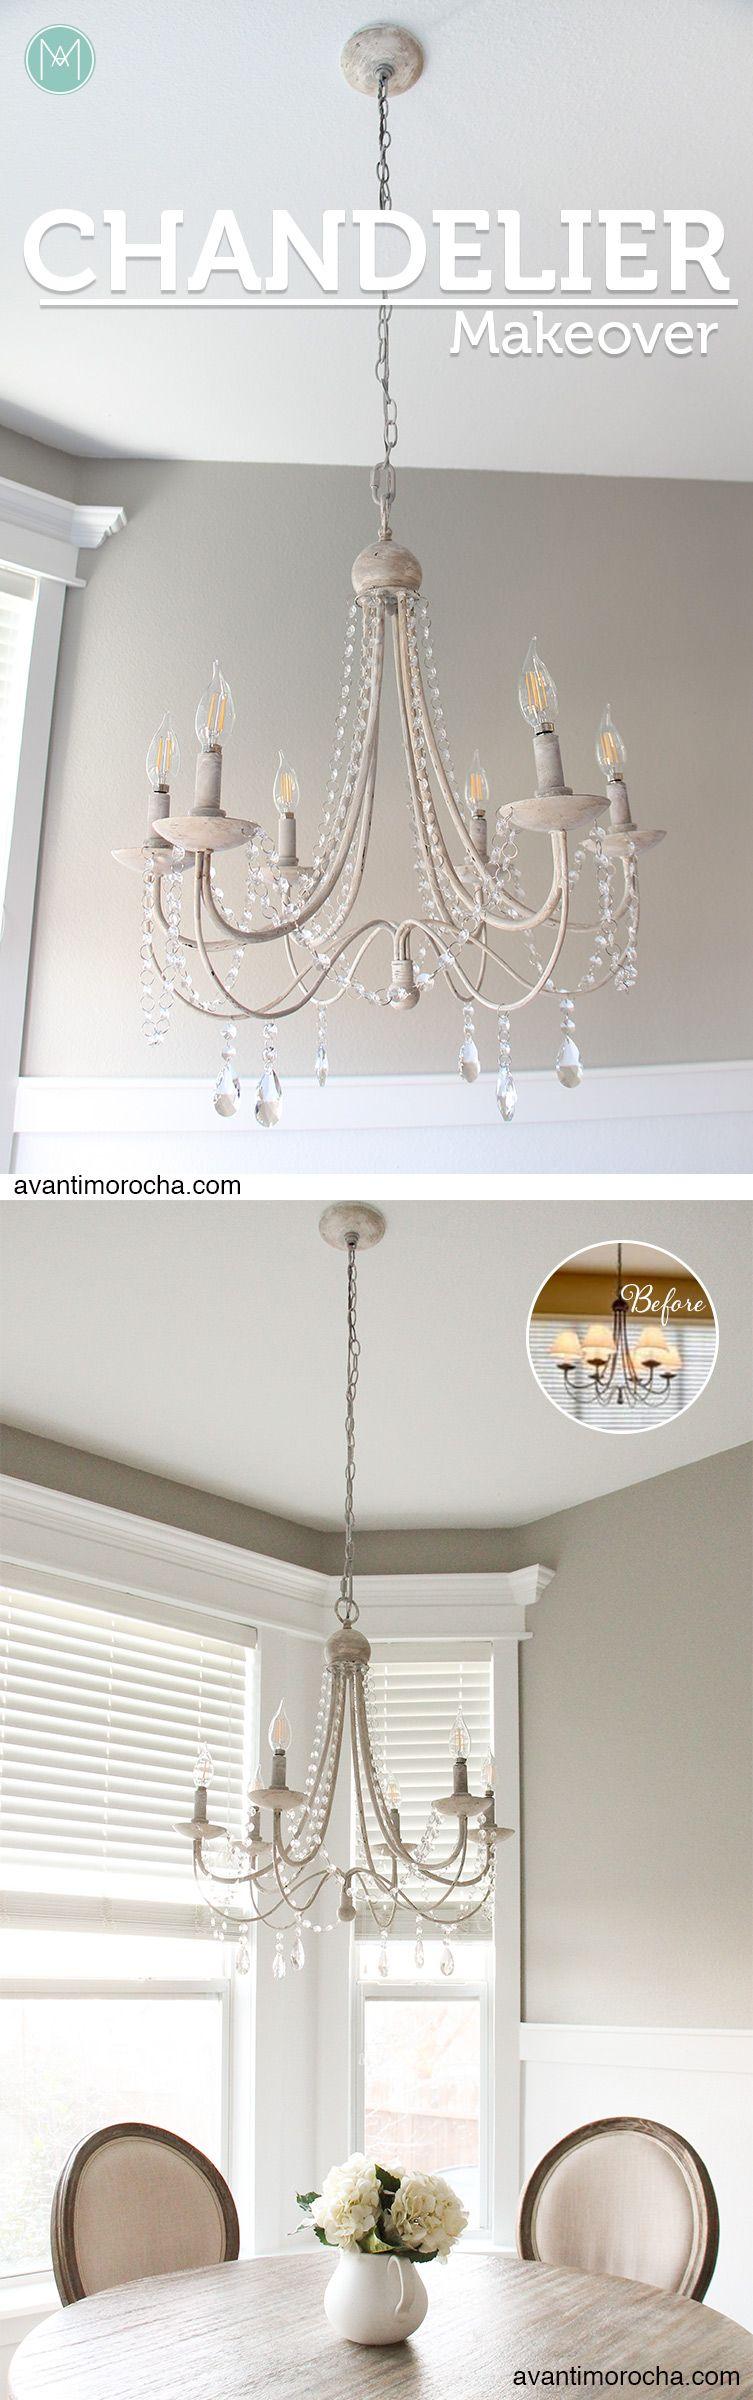 DIY Chandelier Makeover Araa de luces